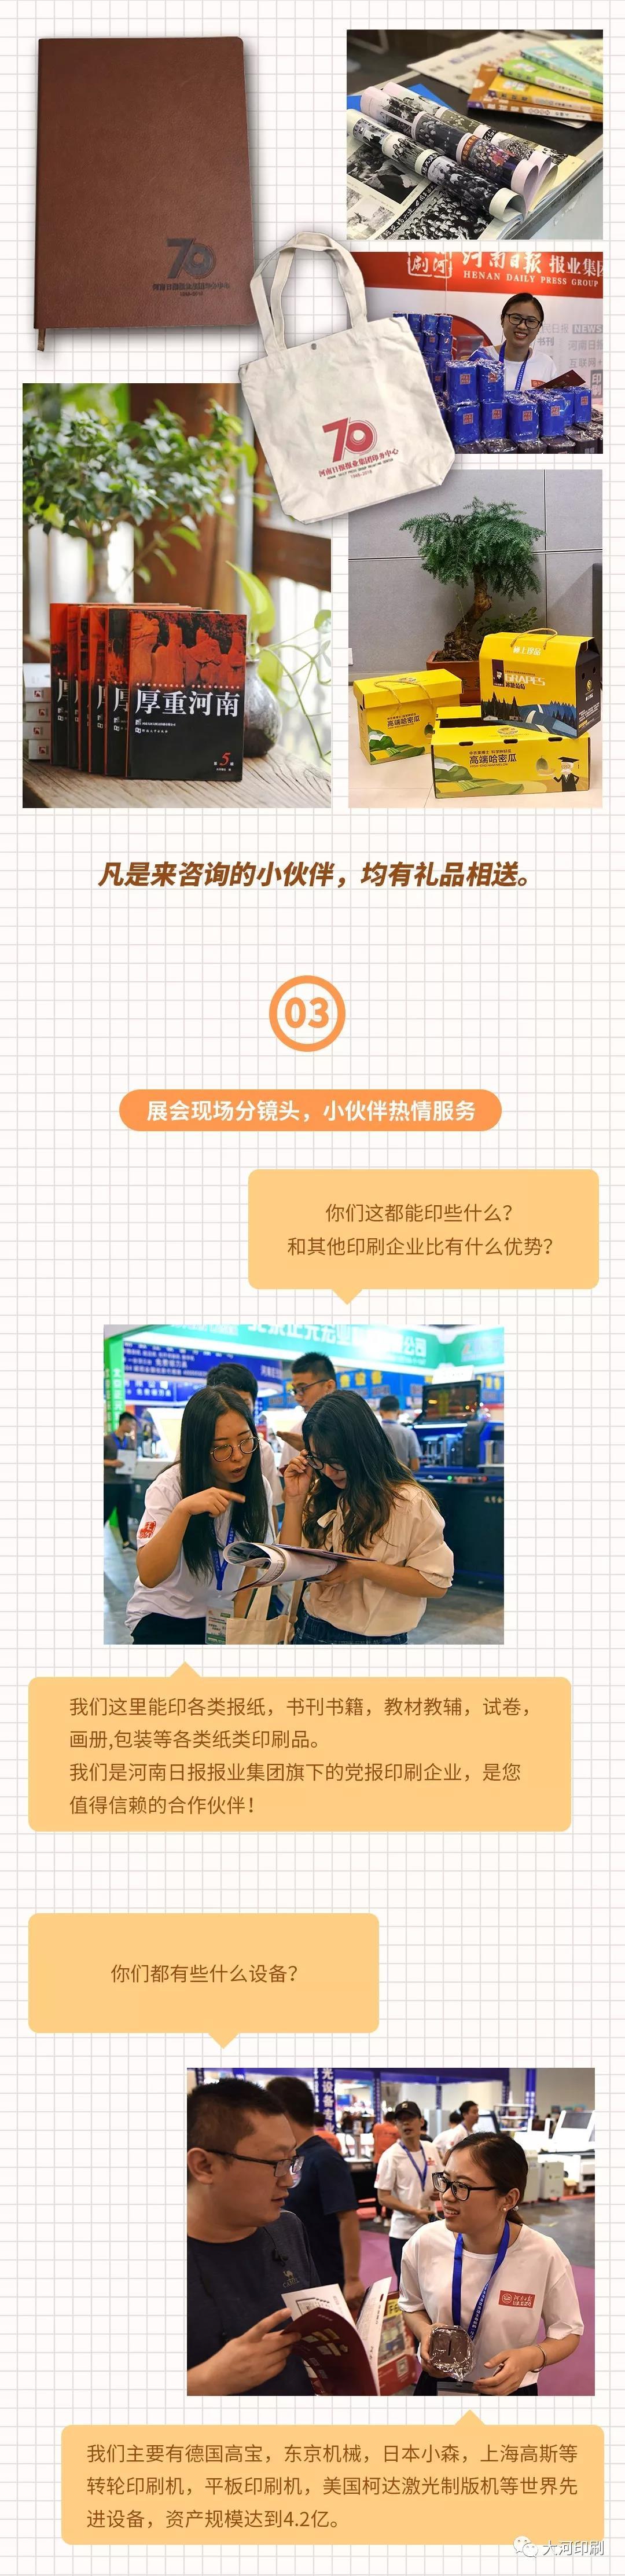 河南报纸印刷